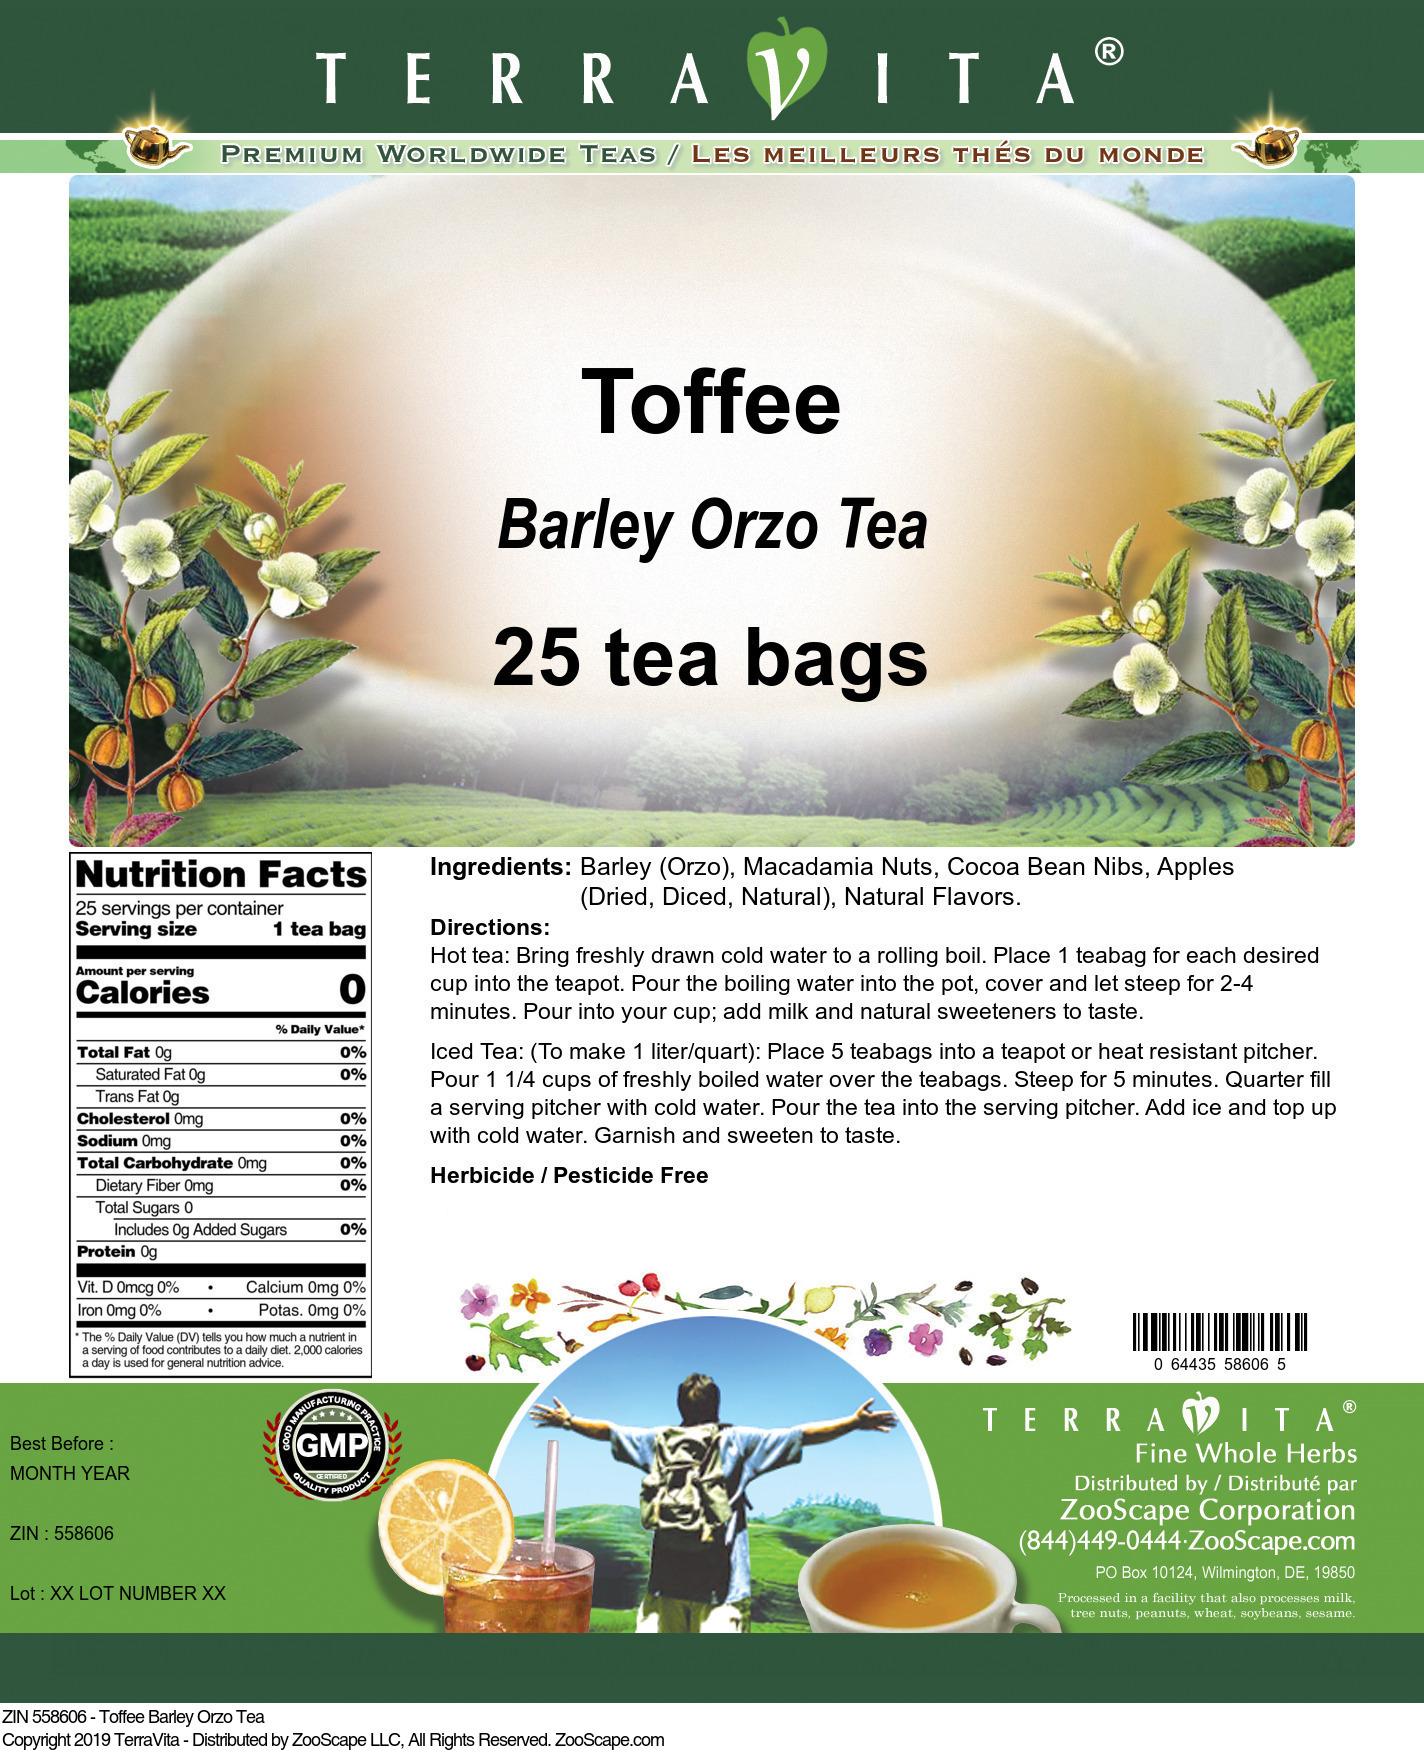 Toffee Barley Orzo Tea